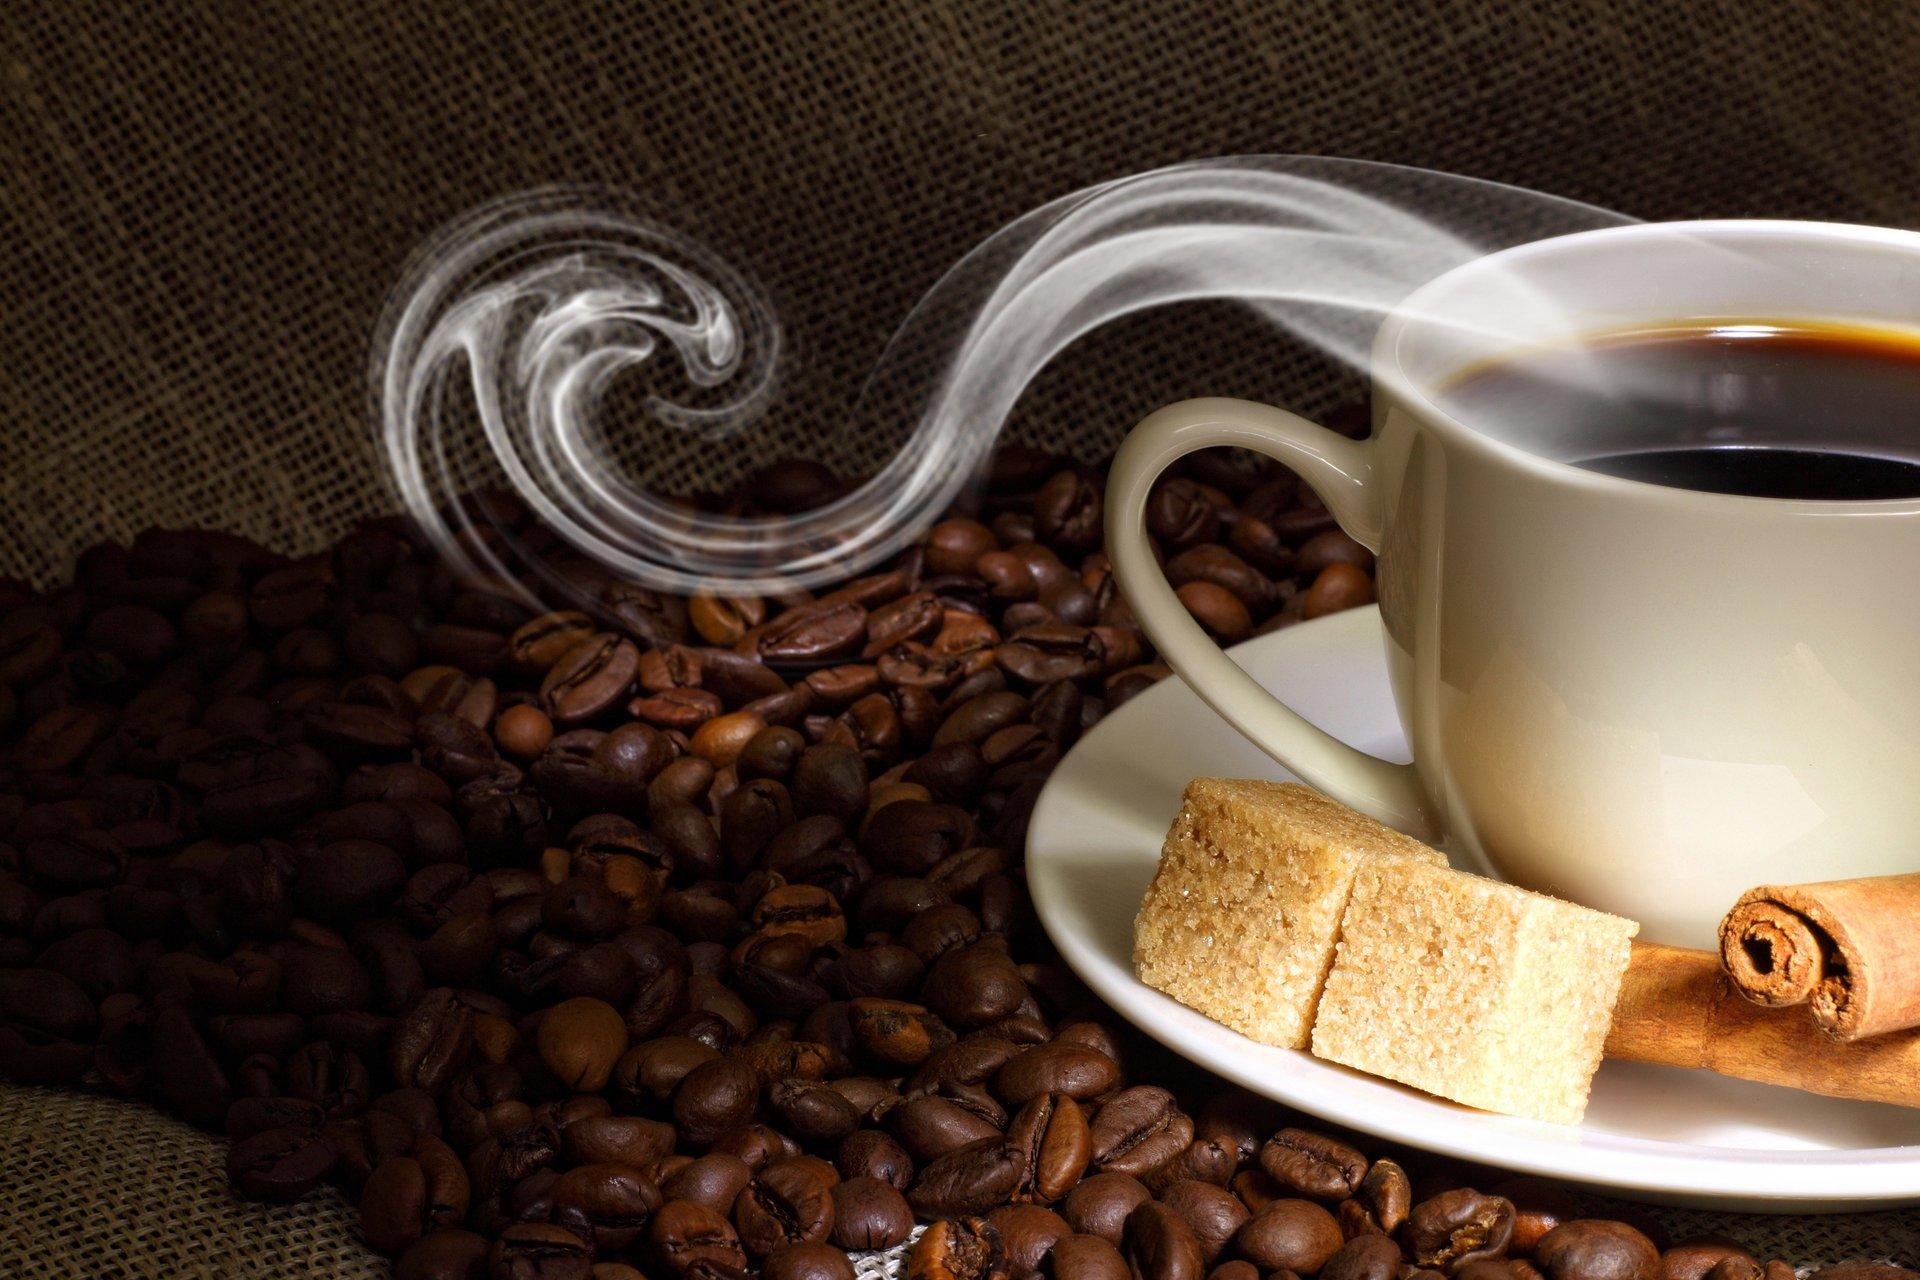 Пасху немецком, картинки про чай и кофе